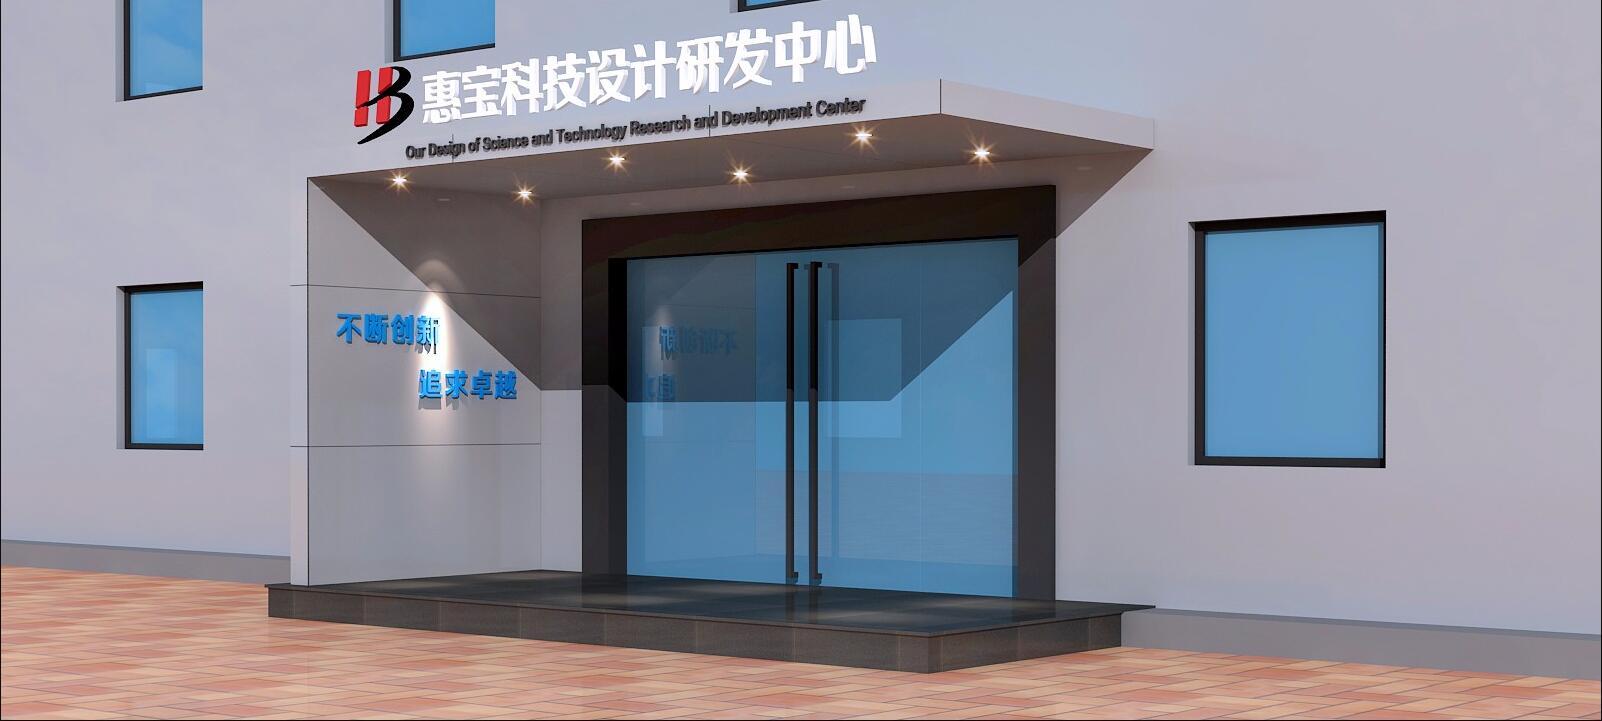 天津市惠宝科技发展有限公司设计研发中心